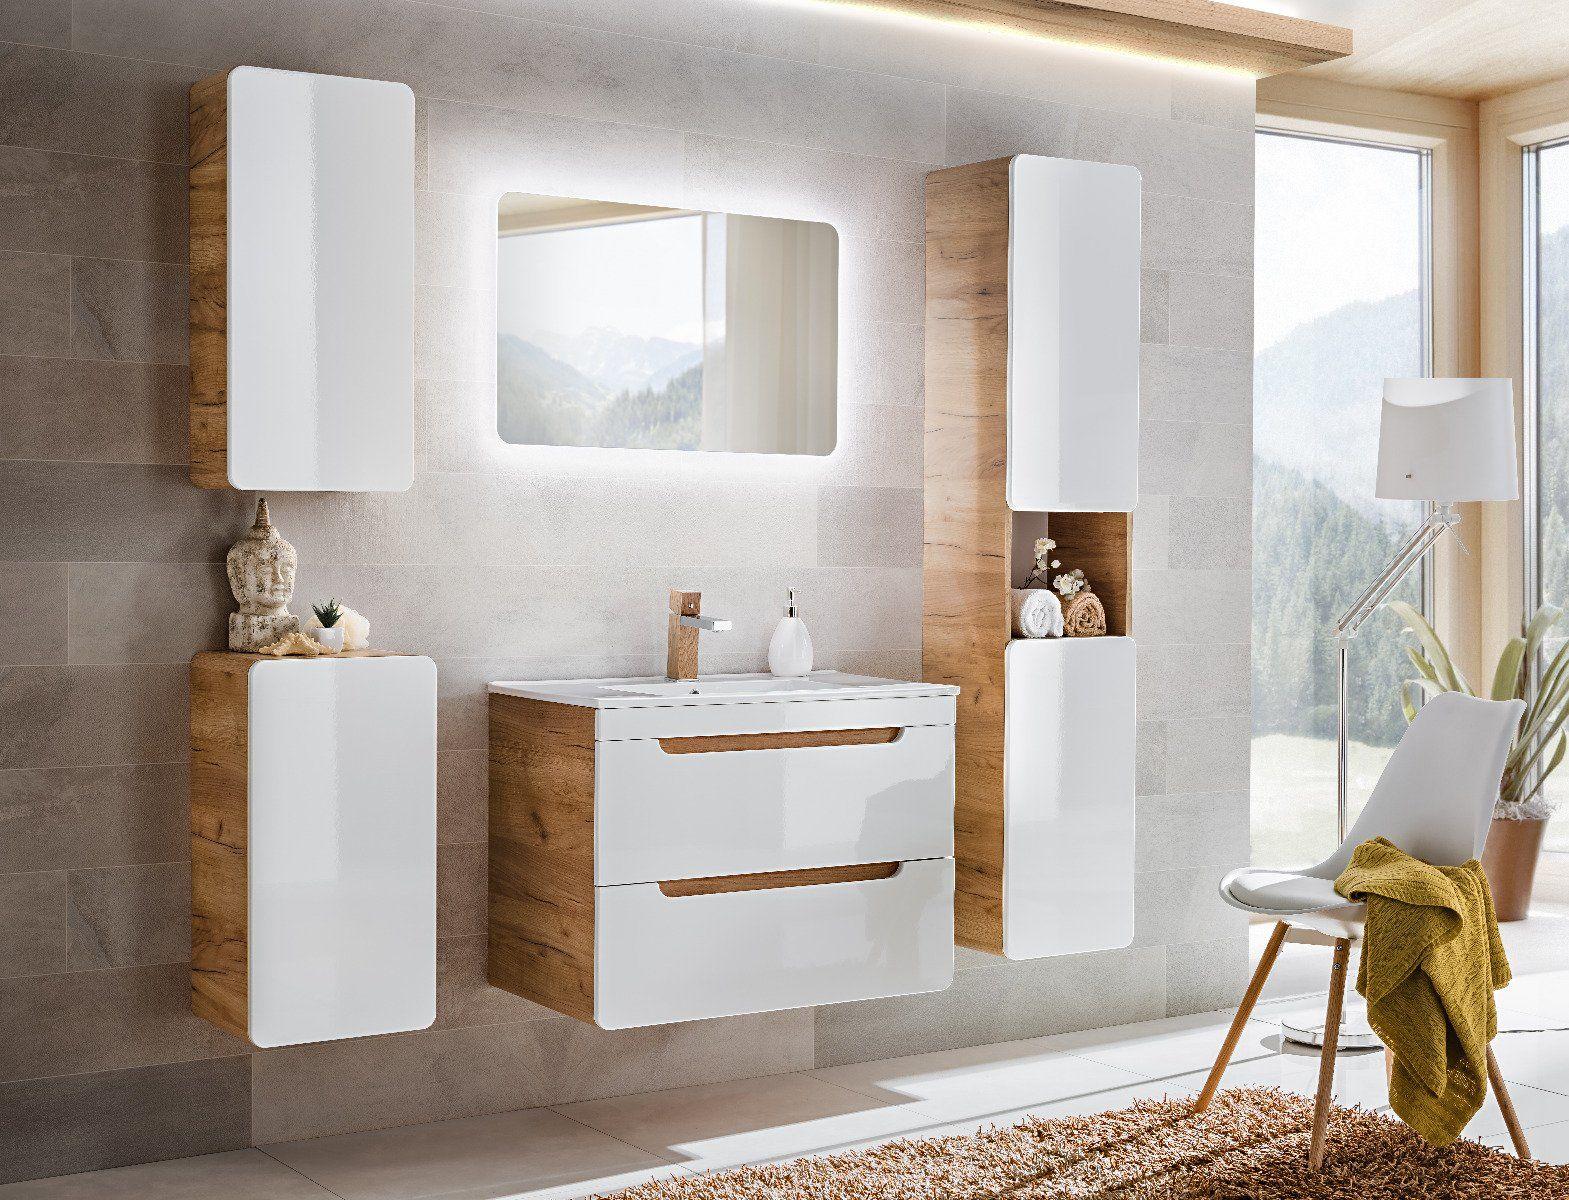 Szafka łazienkowa ARUBA 805 biała/dąb  Kupuj w Sprawdzonych sklepach